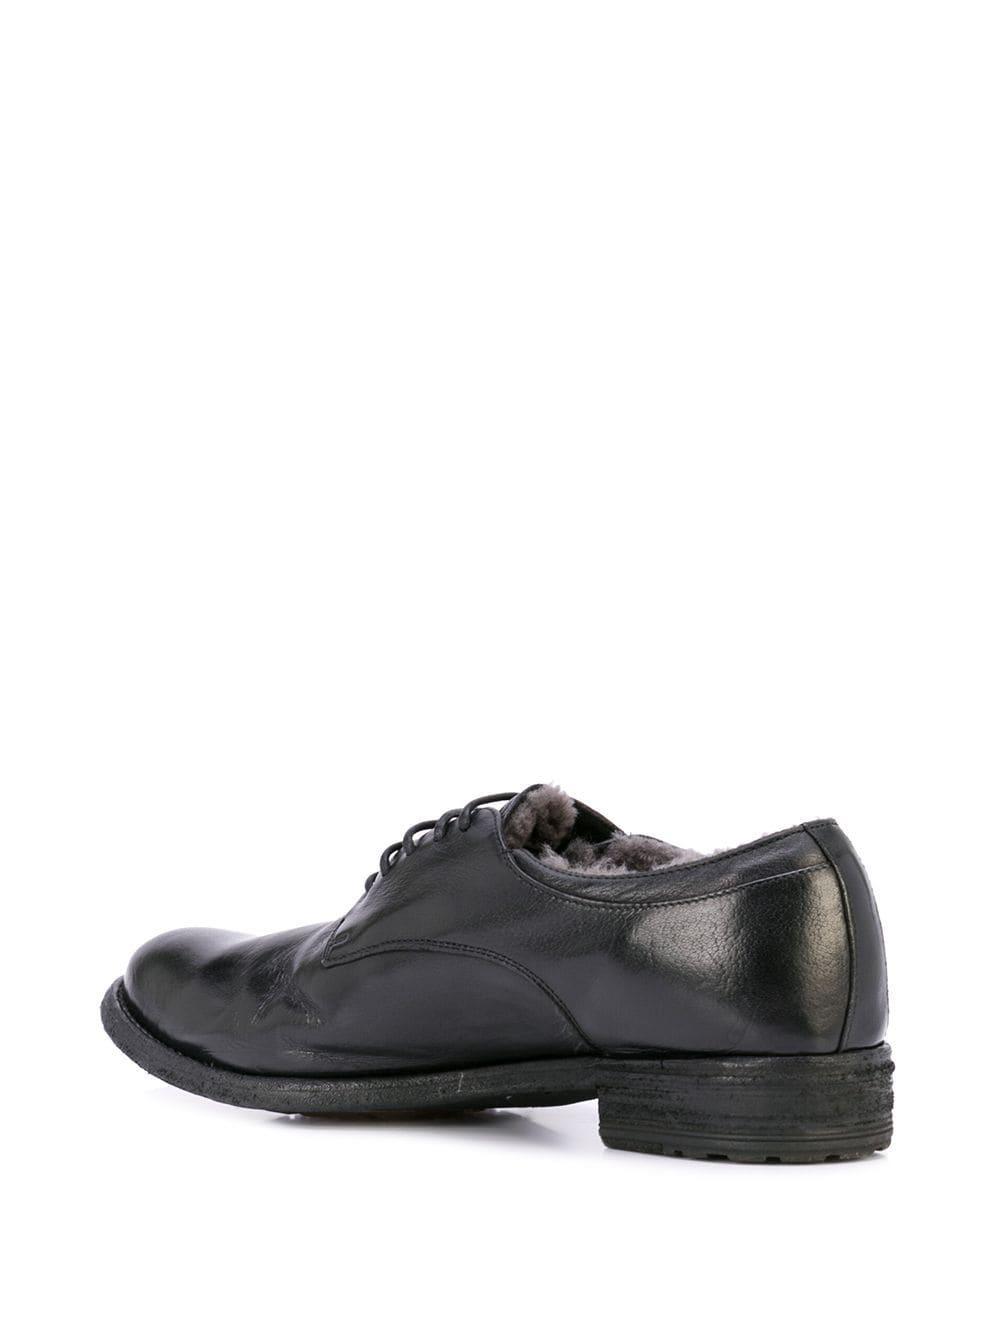 Zapatos Lexikon 102 con cordones Officine Creative de Cuero de color Negro